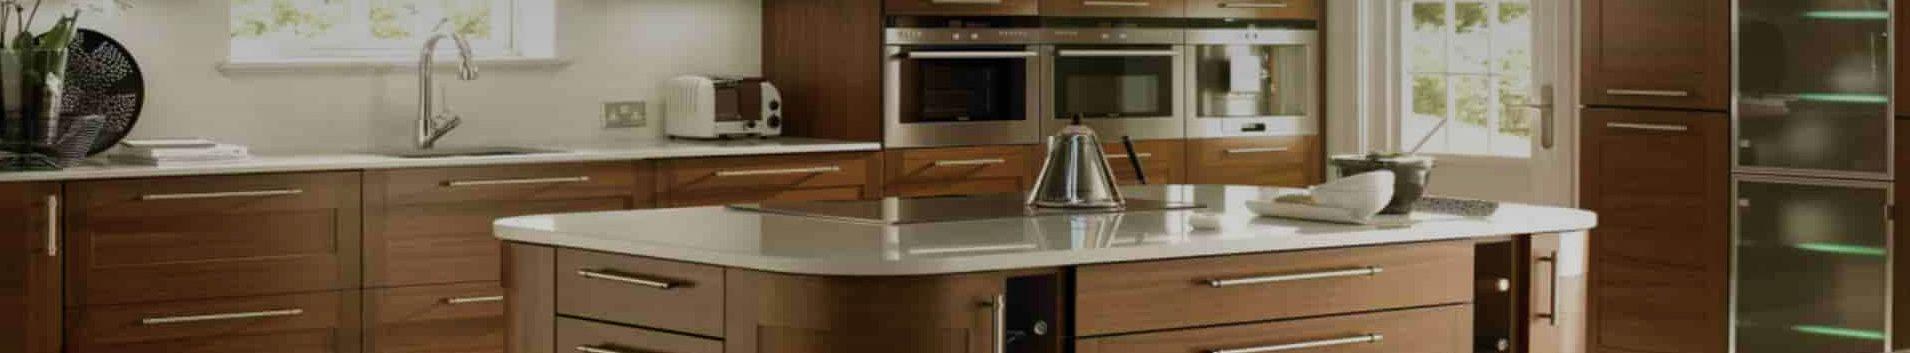 cropped-kitchen-remodel-adjust-comp-e1461303869961.jpg